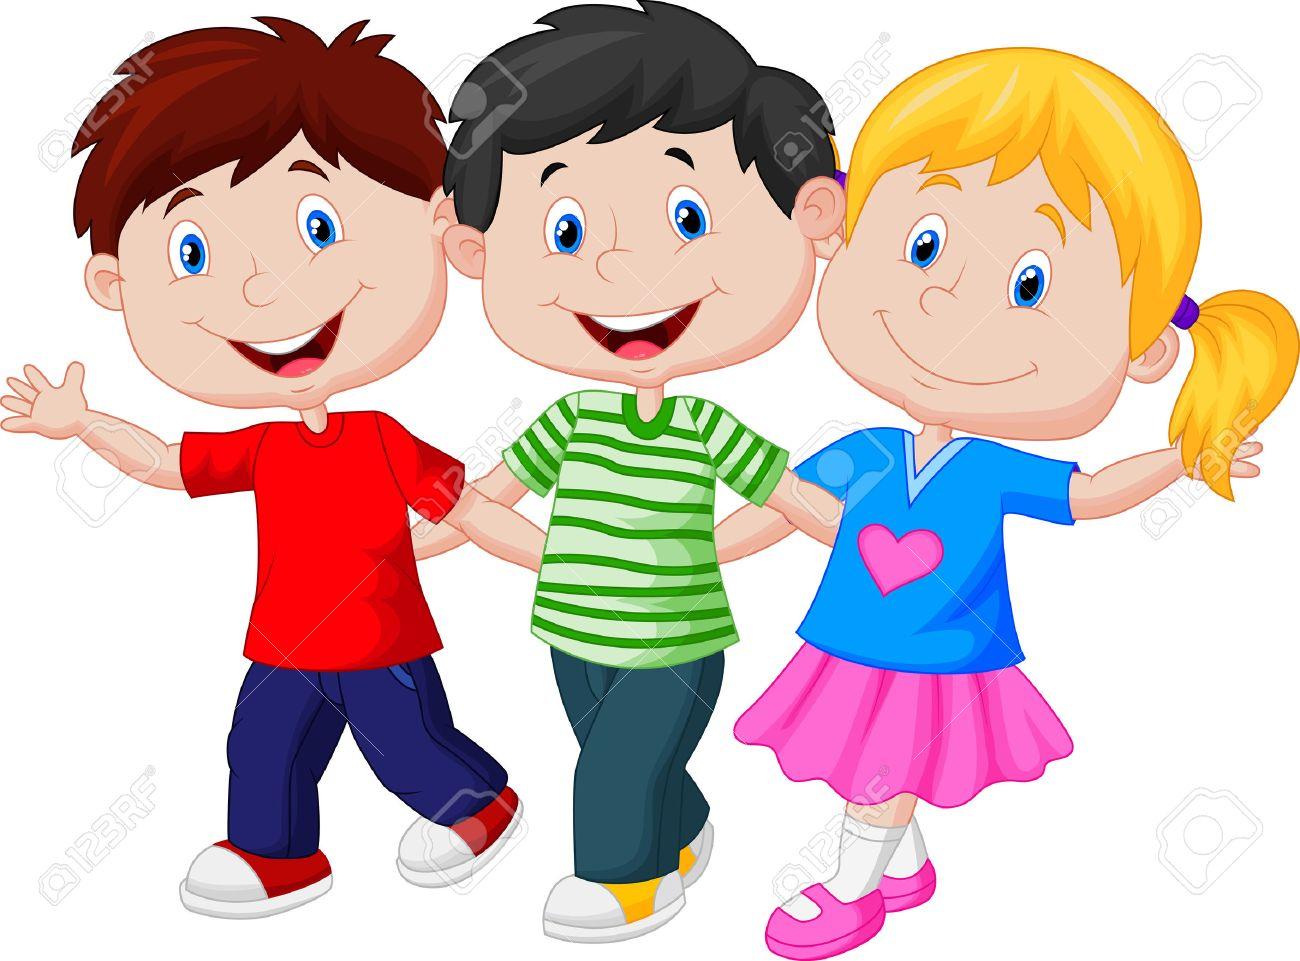 happy young children cartoon stock vector 27167205 - Cartoon Children Images